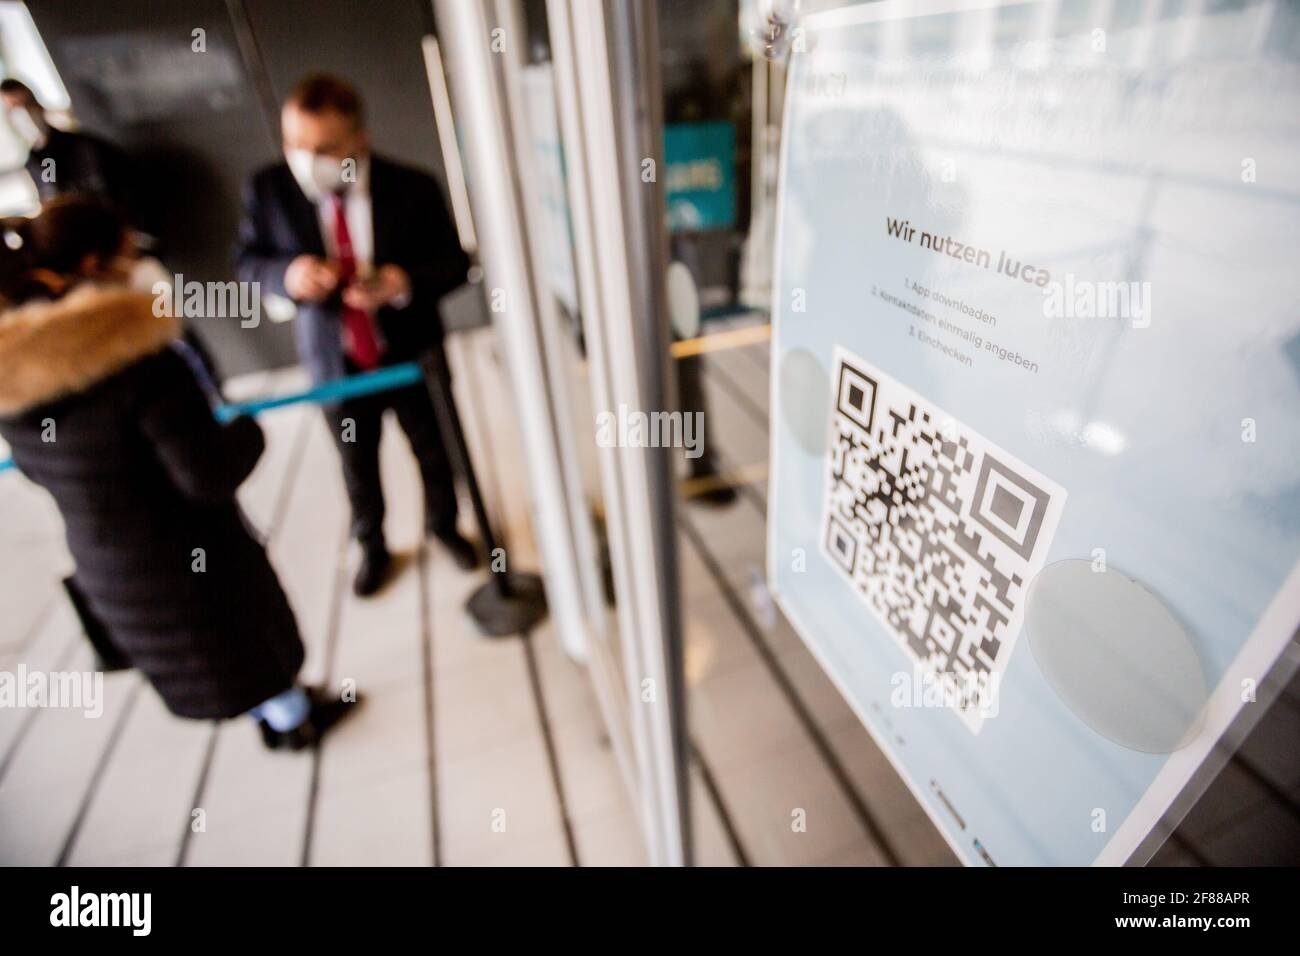 Berlín, Alemania. 12th de Abr de 2021. Un código QR para descargar la aplicación Luca cuelga en la entrada de una tienda de ropa en Alexanderplatz. La aplicación se utiliza para proporcionar datos para un posible seguimiento de contactos. Crédito: Christoph Soeder/dpa/Alamy Live News Foto de stock